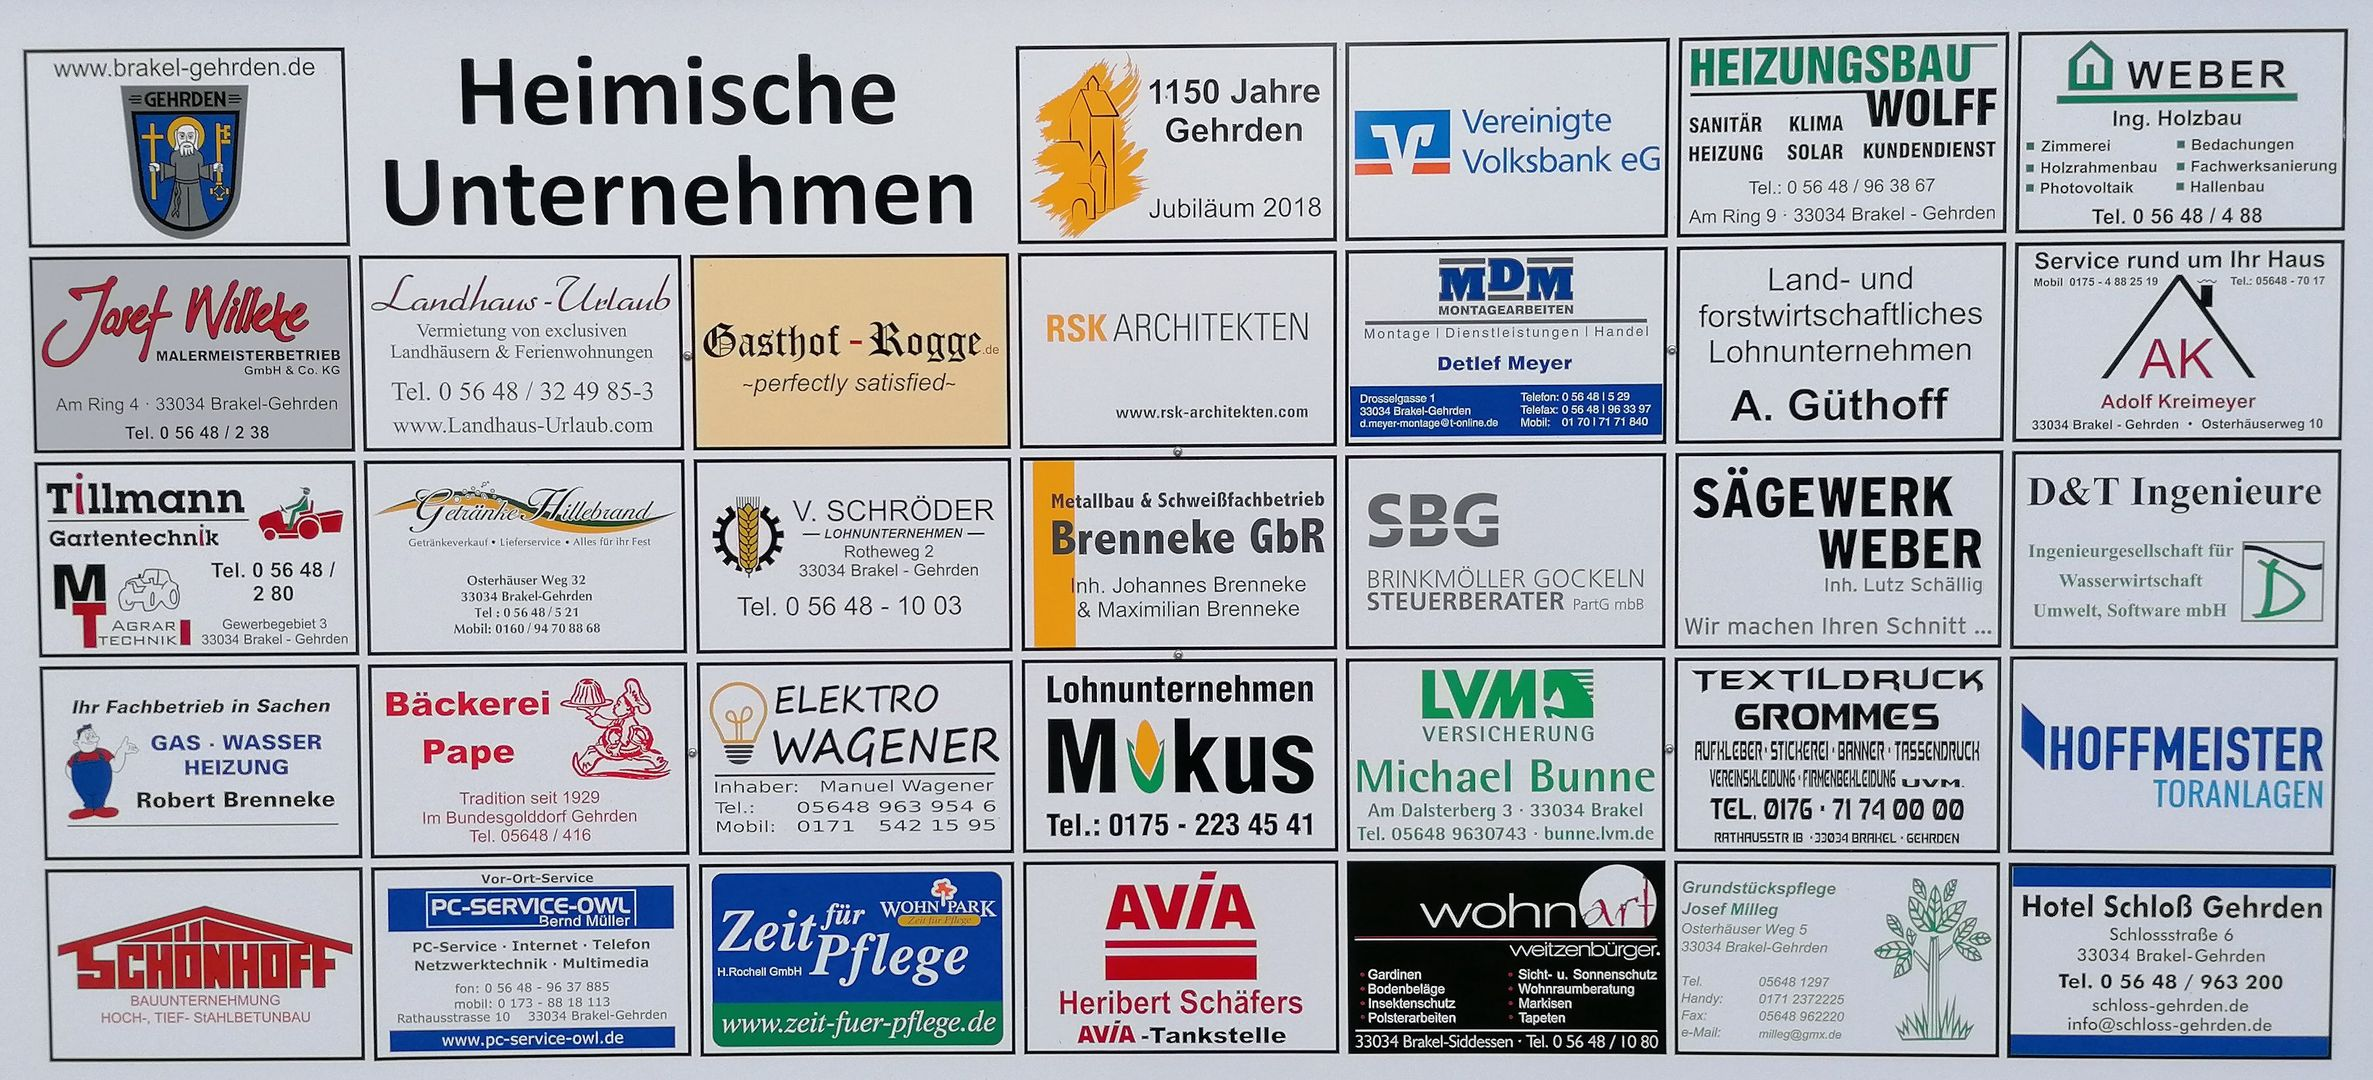 Heimische Unternehmen   Brakel-Gehrden